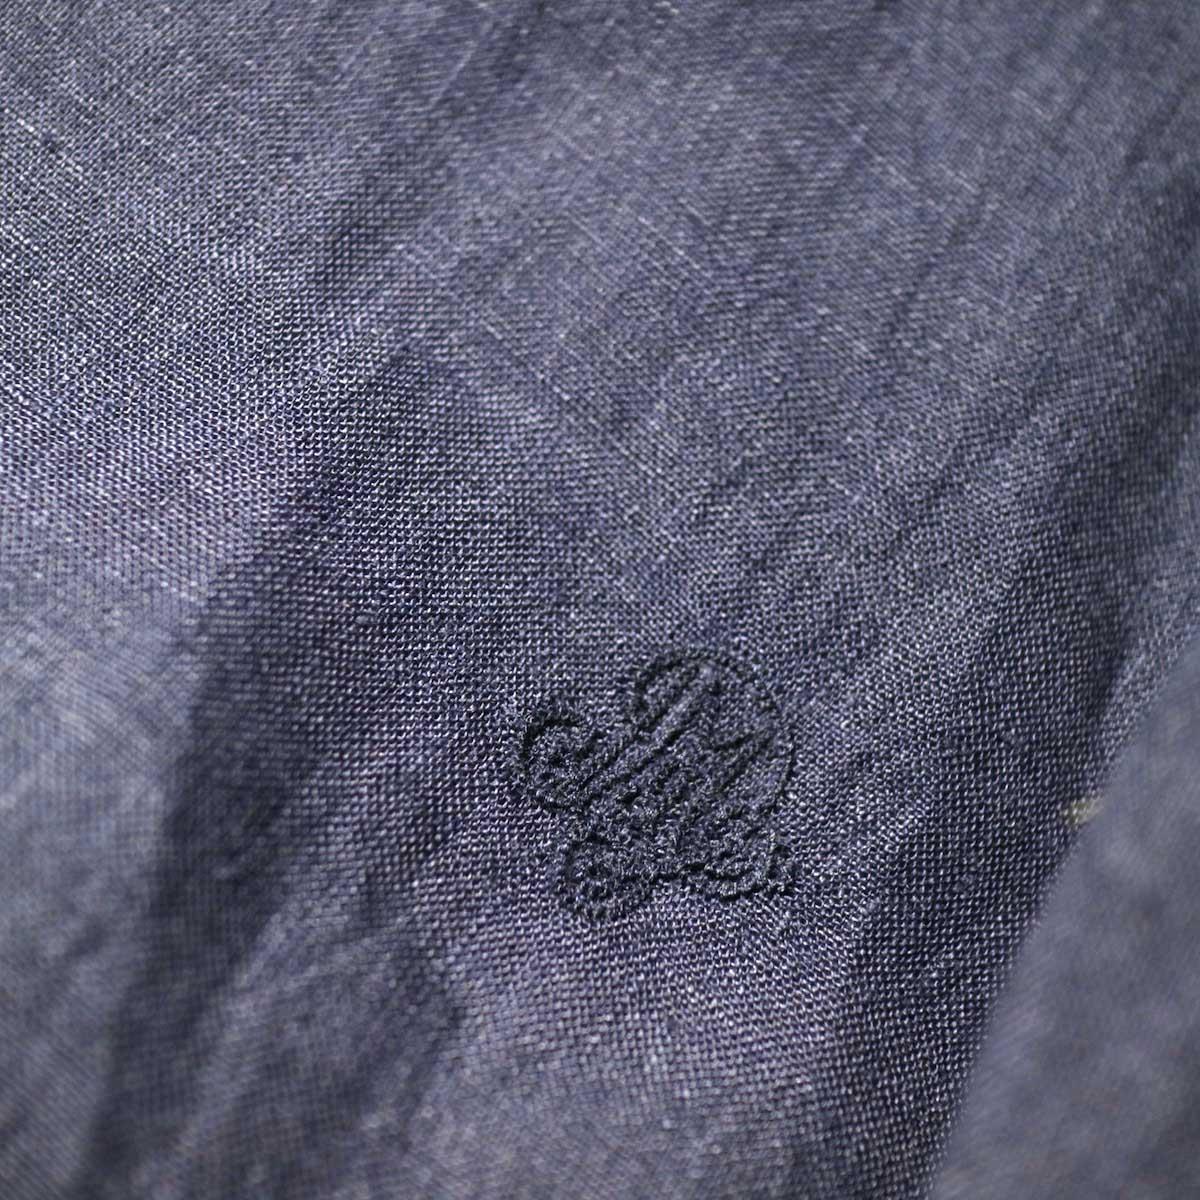 maison de soil / BACK OPENING CREN-NECK SHIRT DRESS (Navy) ウエスト・刺繍